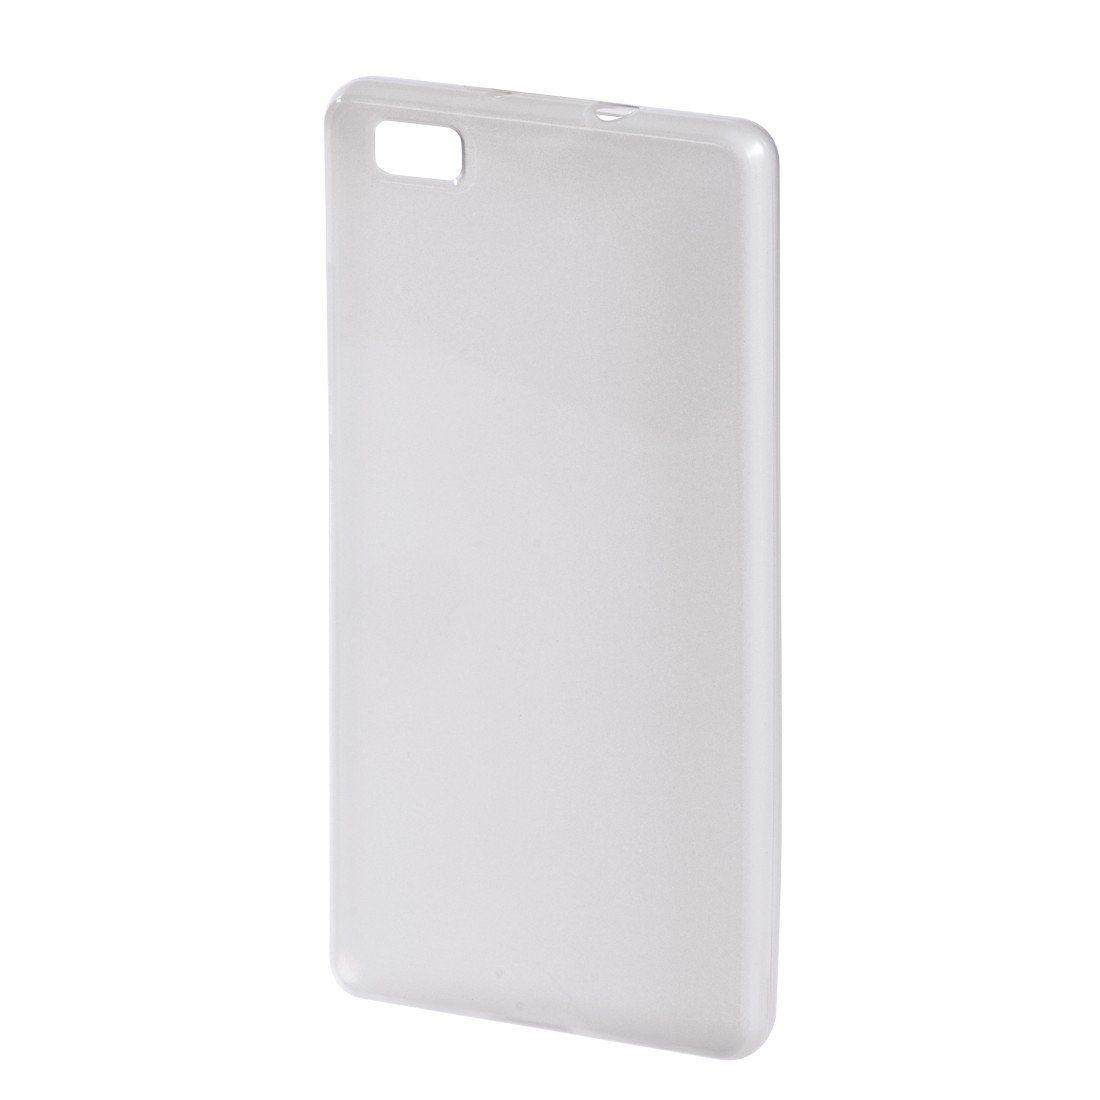 Hama Handyhülle für Huawei P8 lite Case Schutzhülle »Handycover ultra slim«